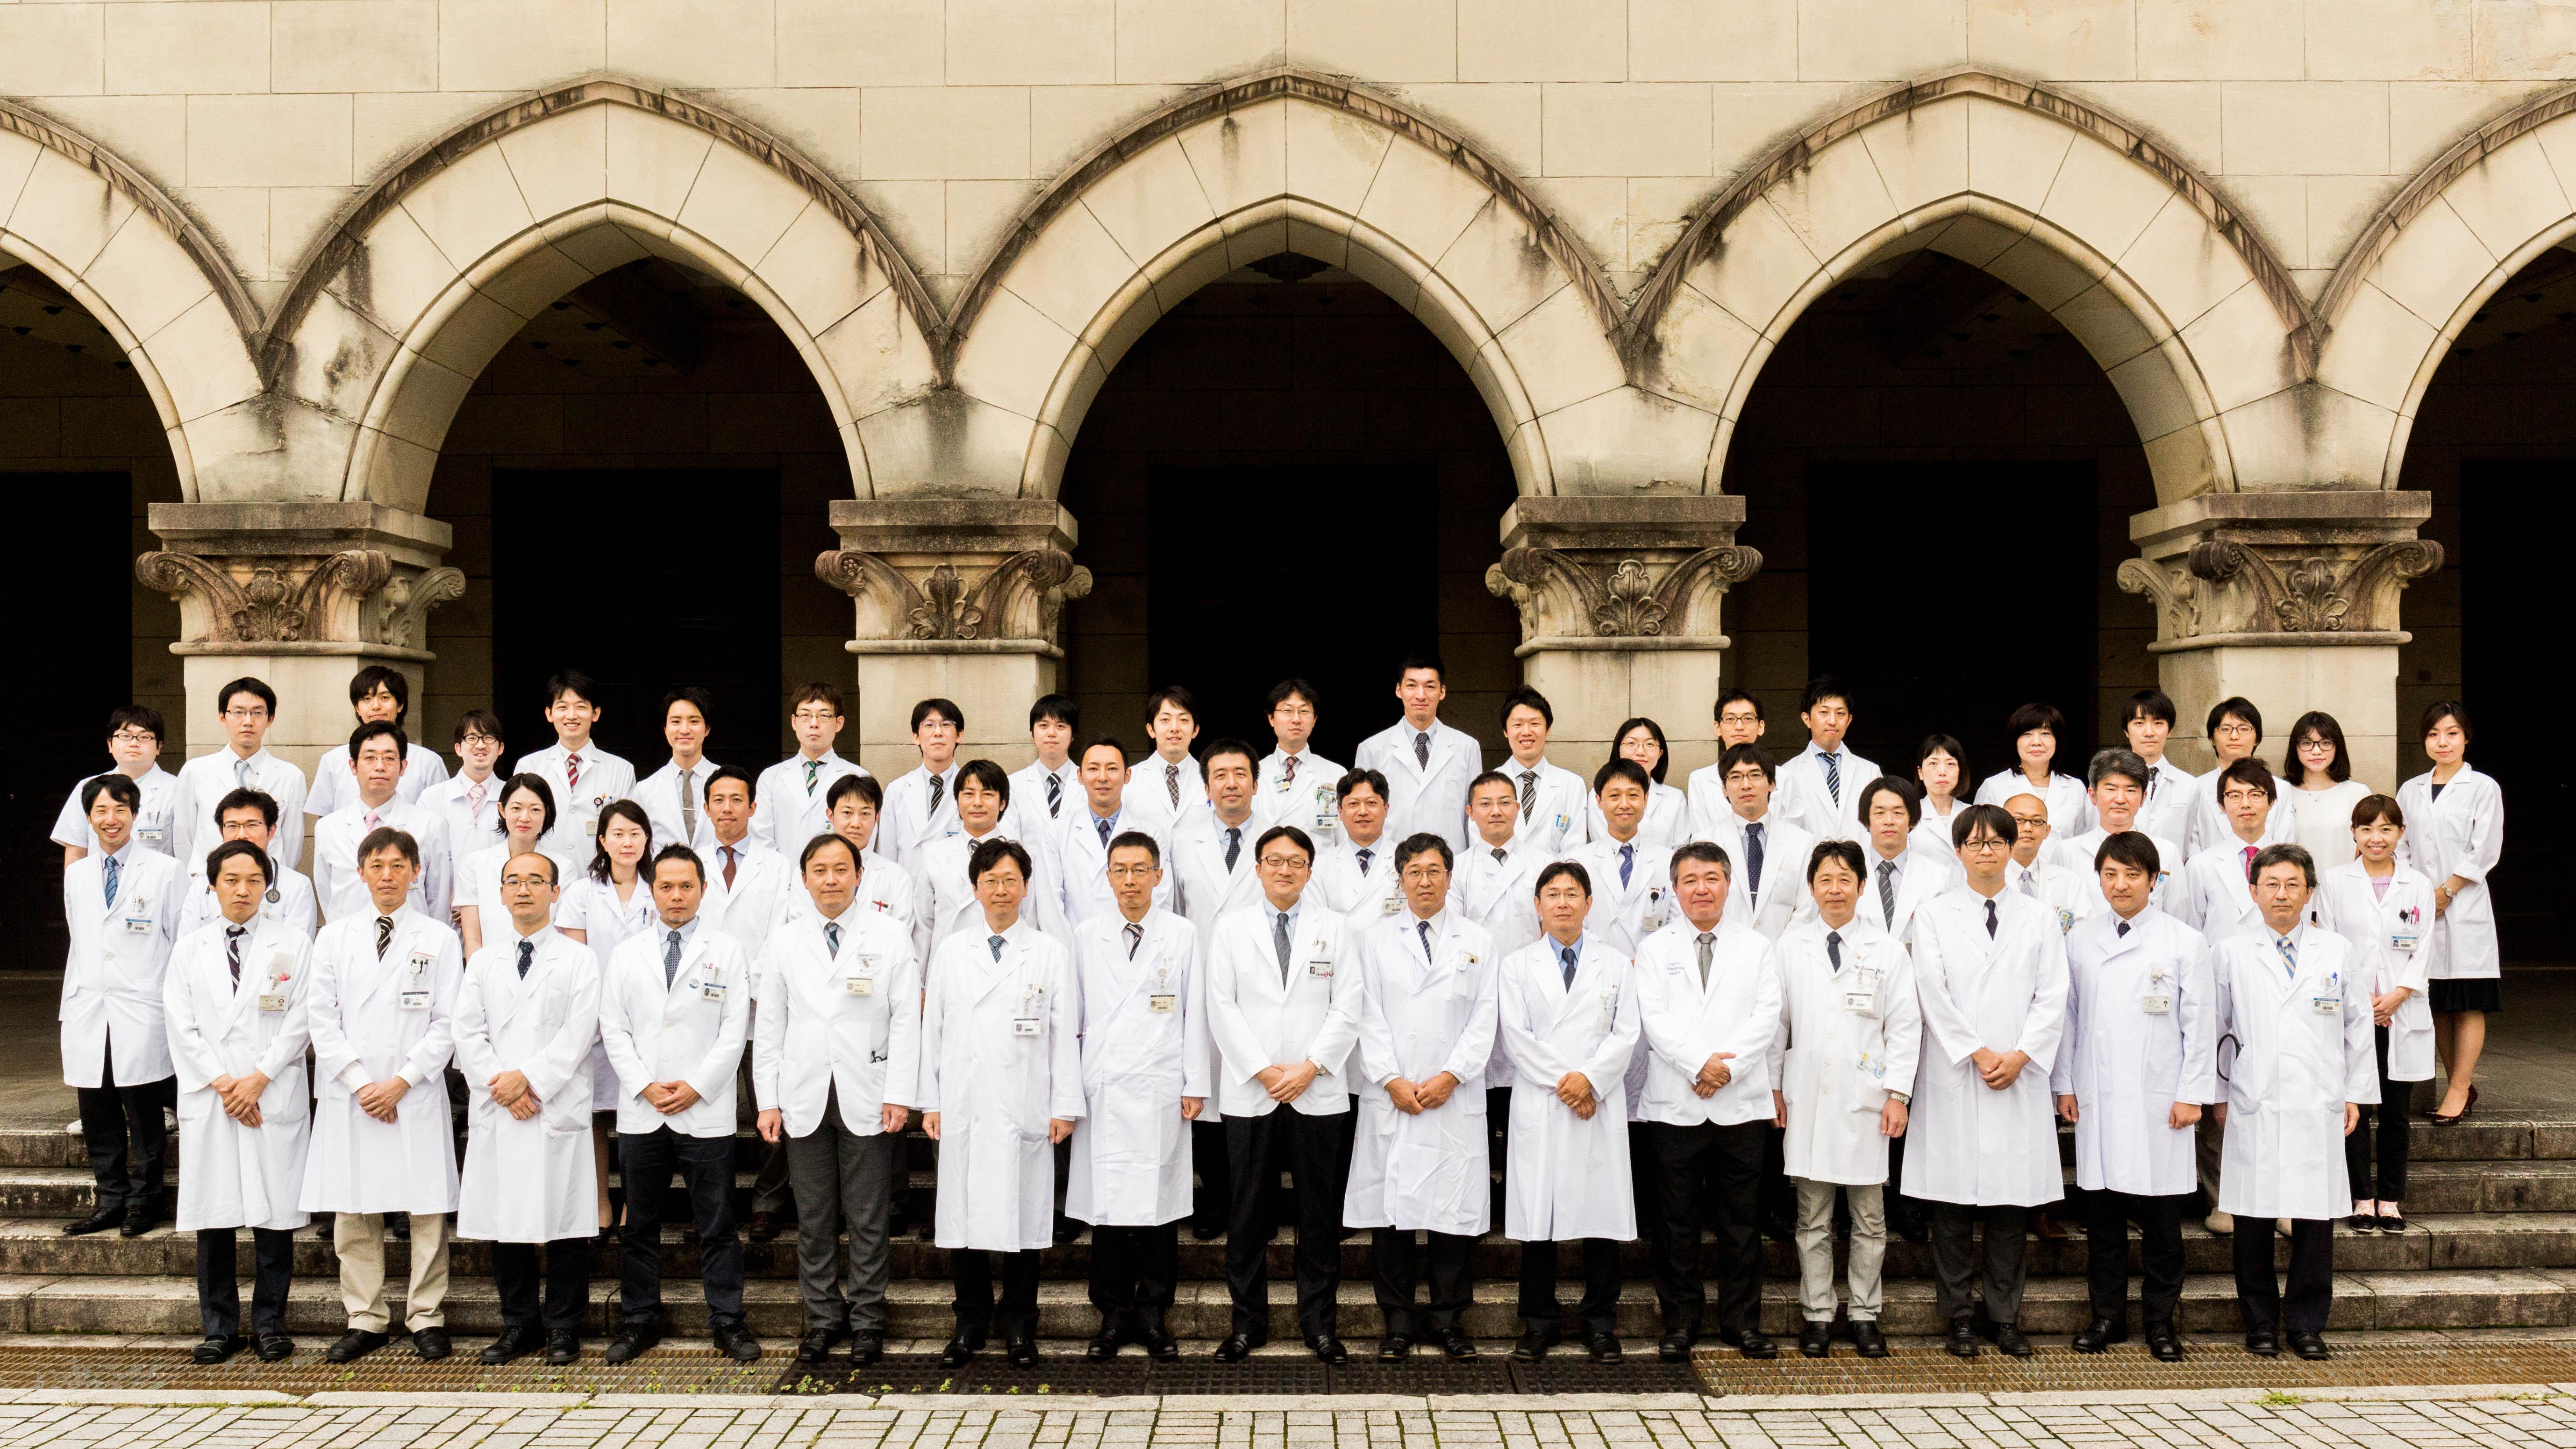 附属 東京 病院 医学部 大学